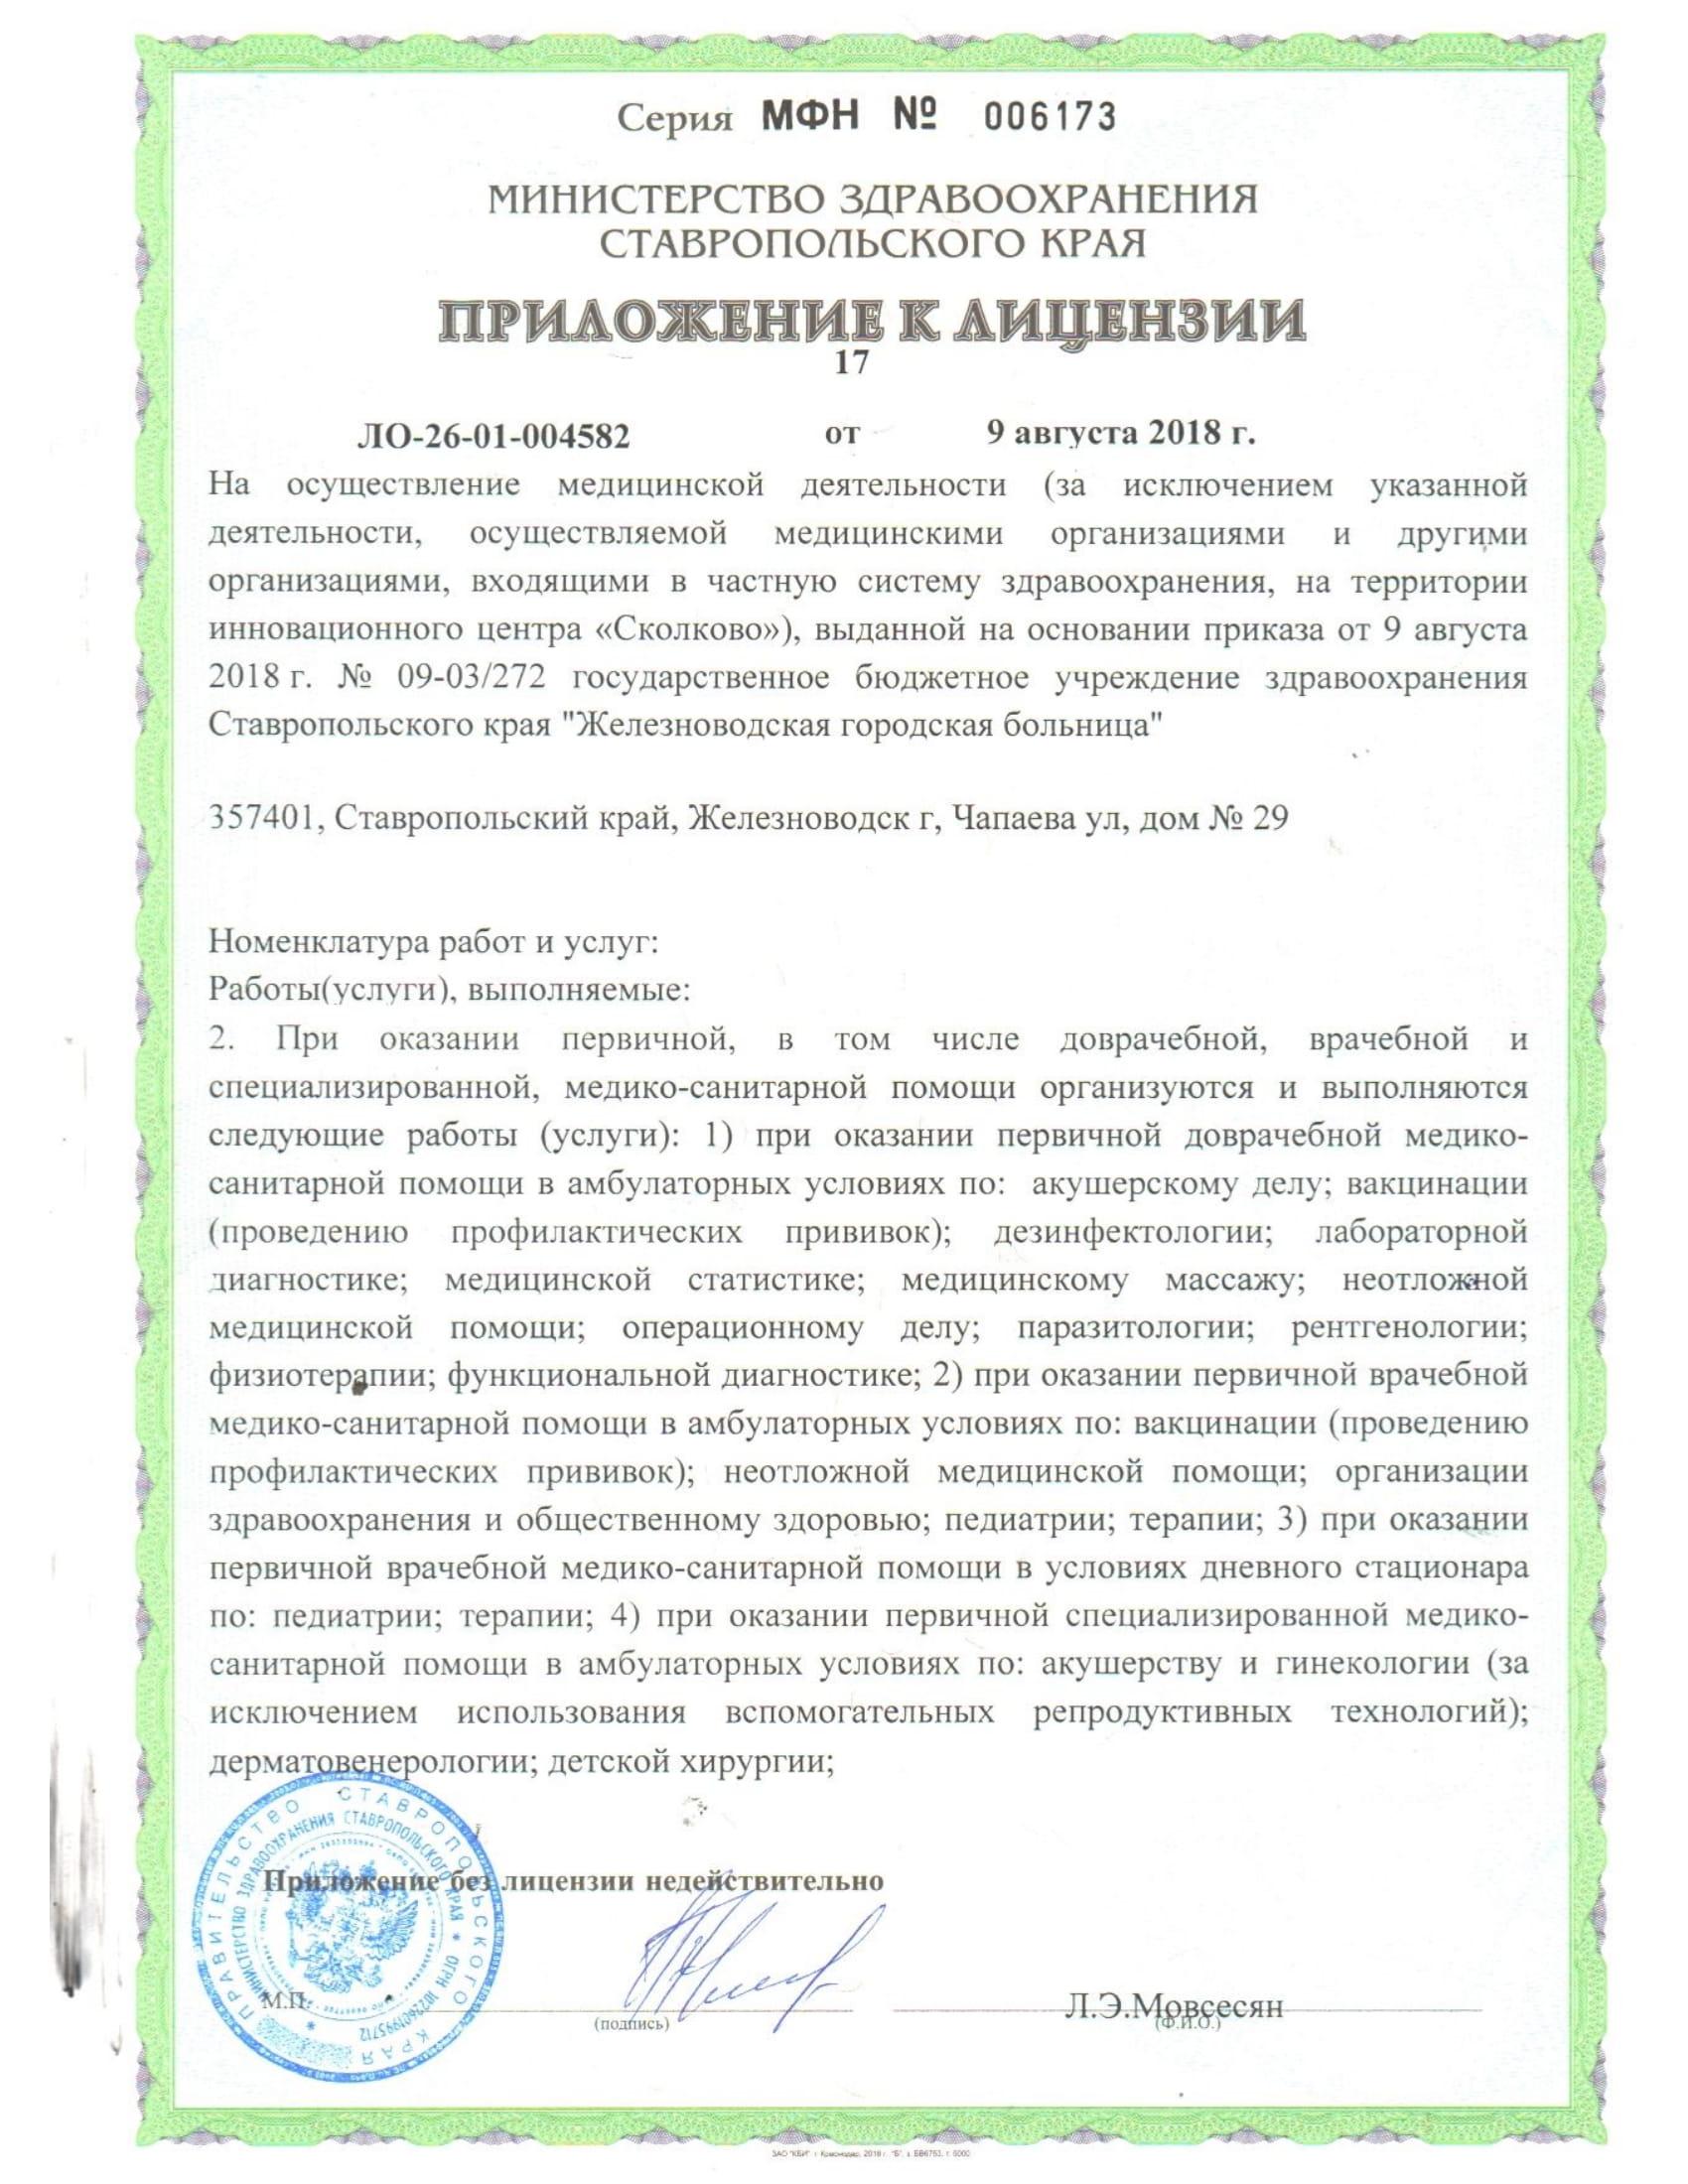 лицензия 2018 от 09.08.2018-23